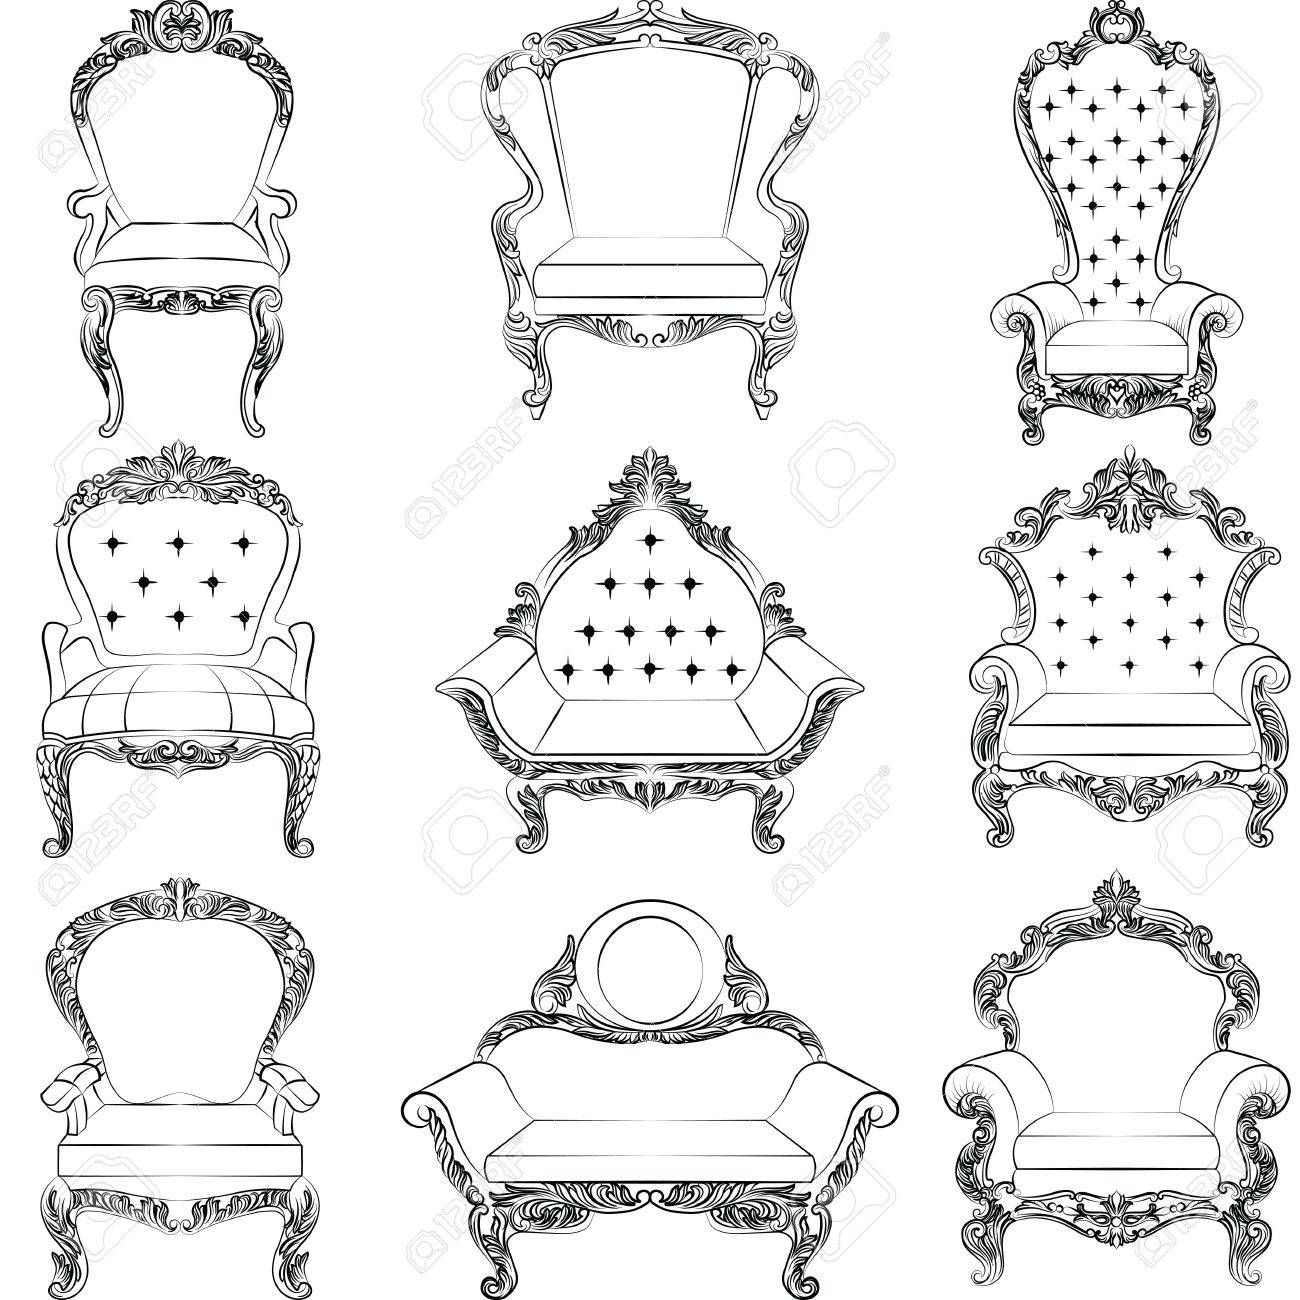 Barock Sessel Möbel Set Sammlung Luxus Stil. Polsterung Mit Luxuriösen  Reichen Verzierungen